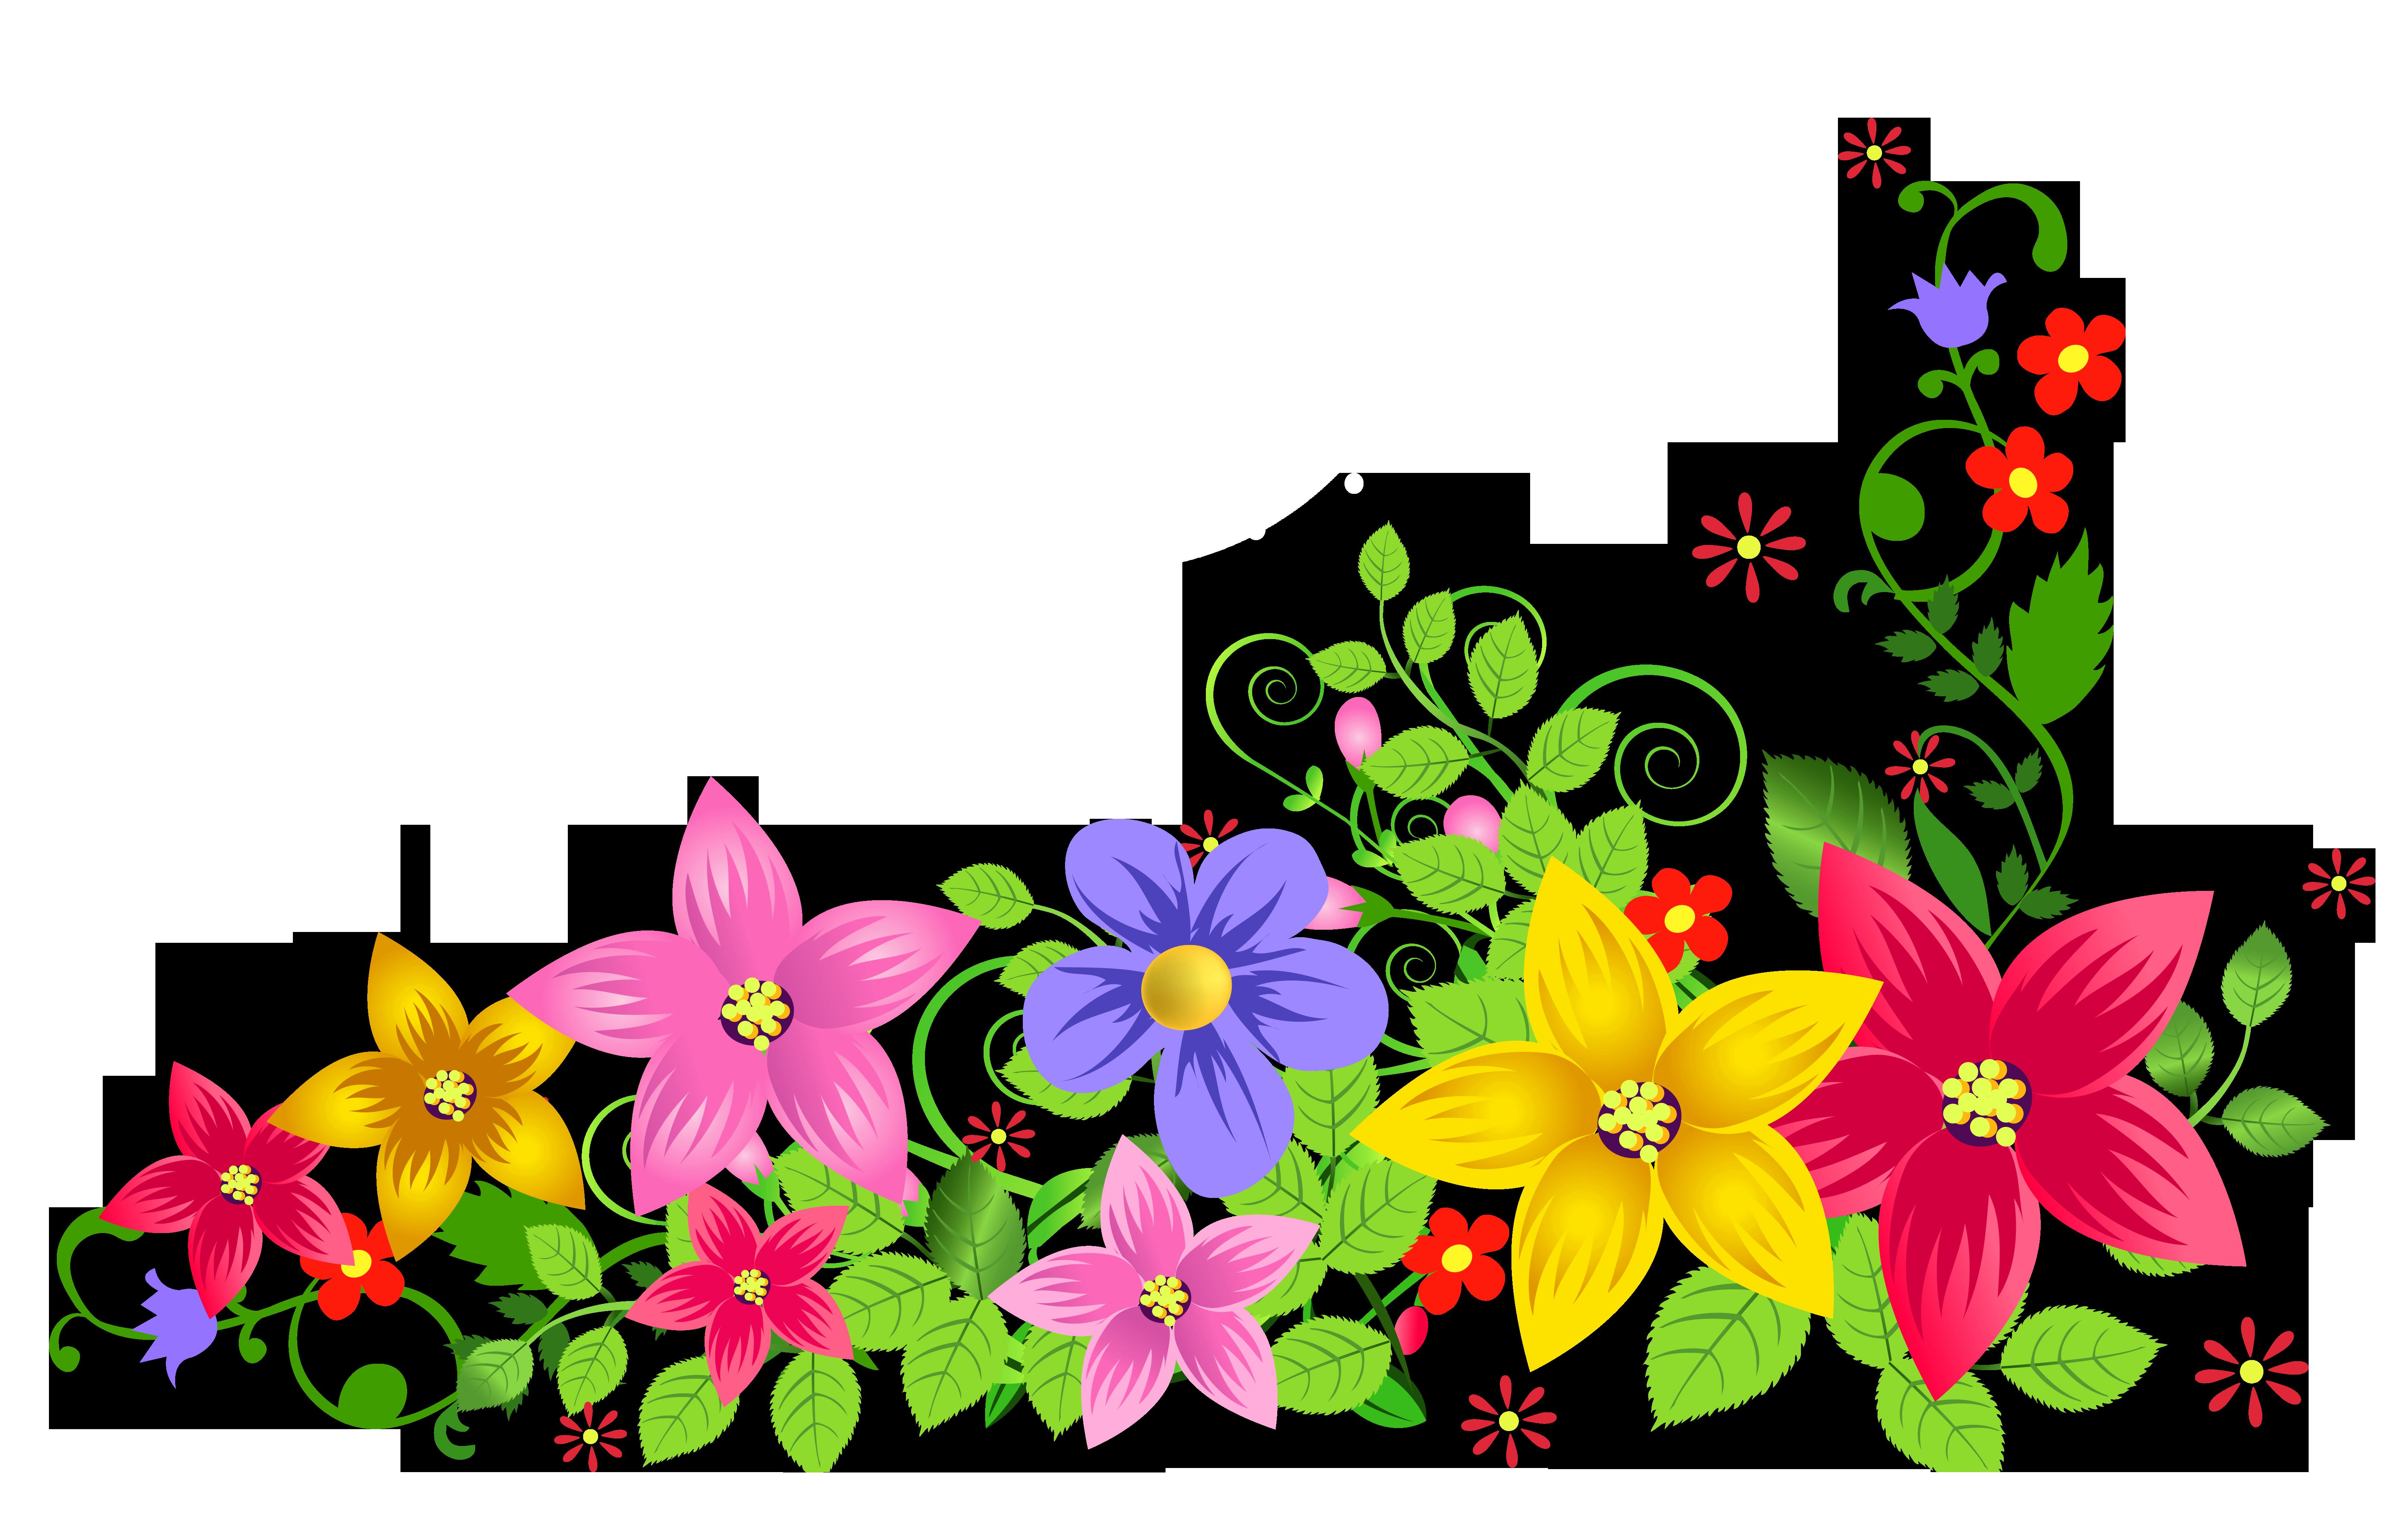 Floral PNG Transparent Image - Floral PNG